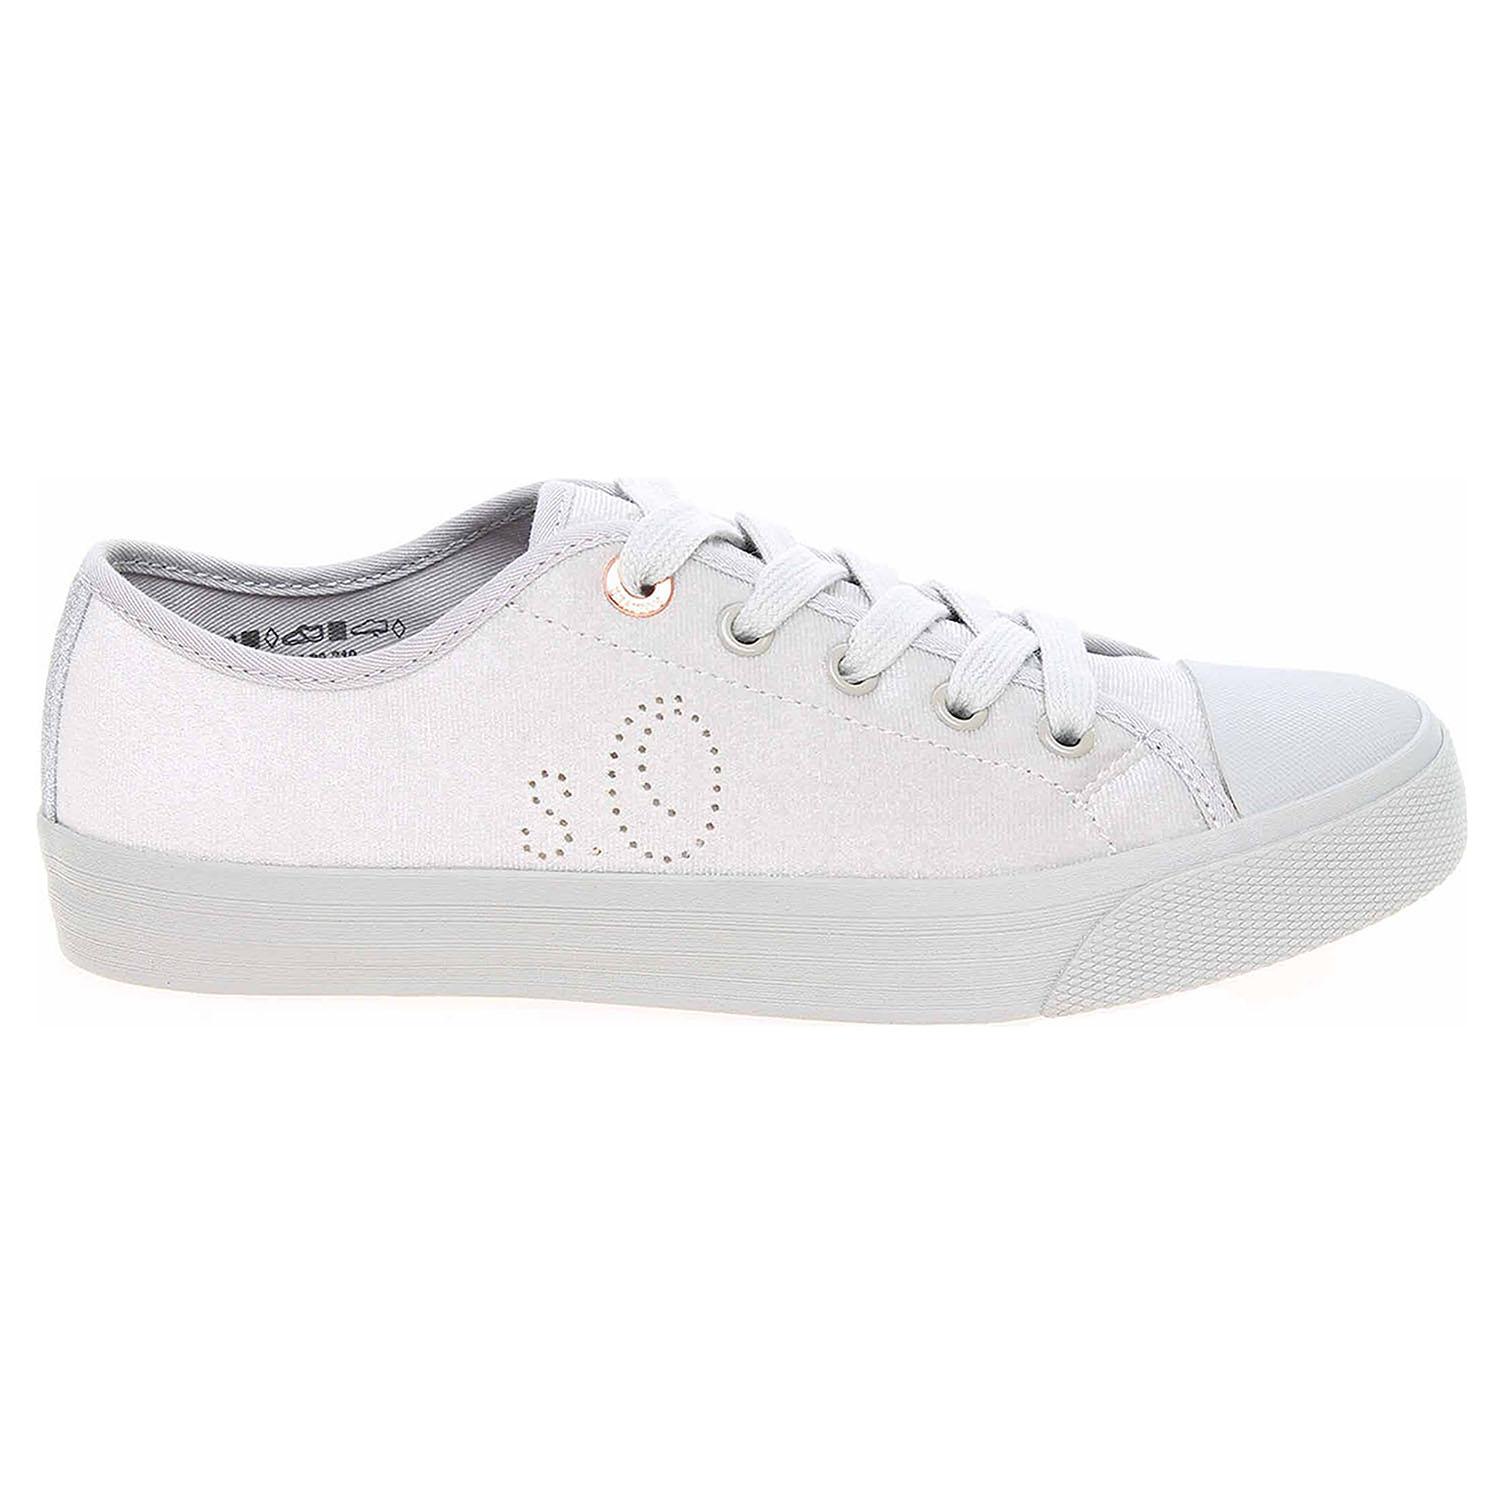 s.Oliver dámská obuv 5-23647-20 lt.grey 5-5-23647-20 210 39